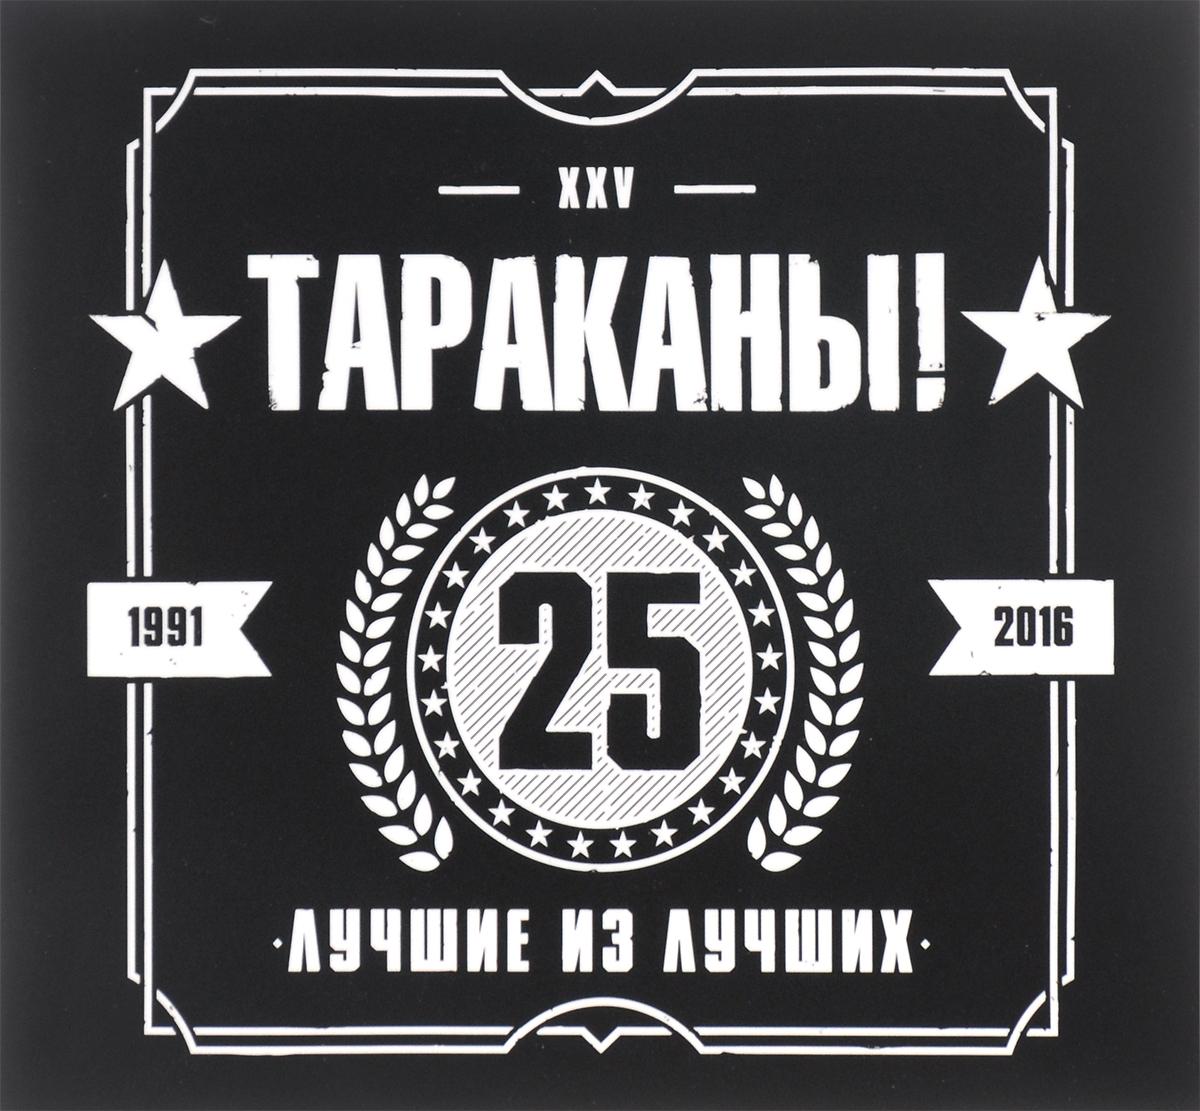 Издание содержит 16-страничный буклет с фотографиями и дополнительной информацией на русском языке.